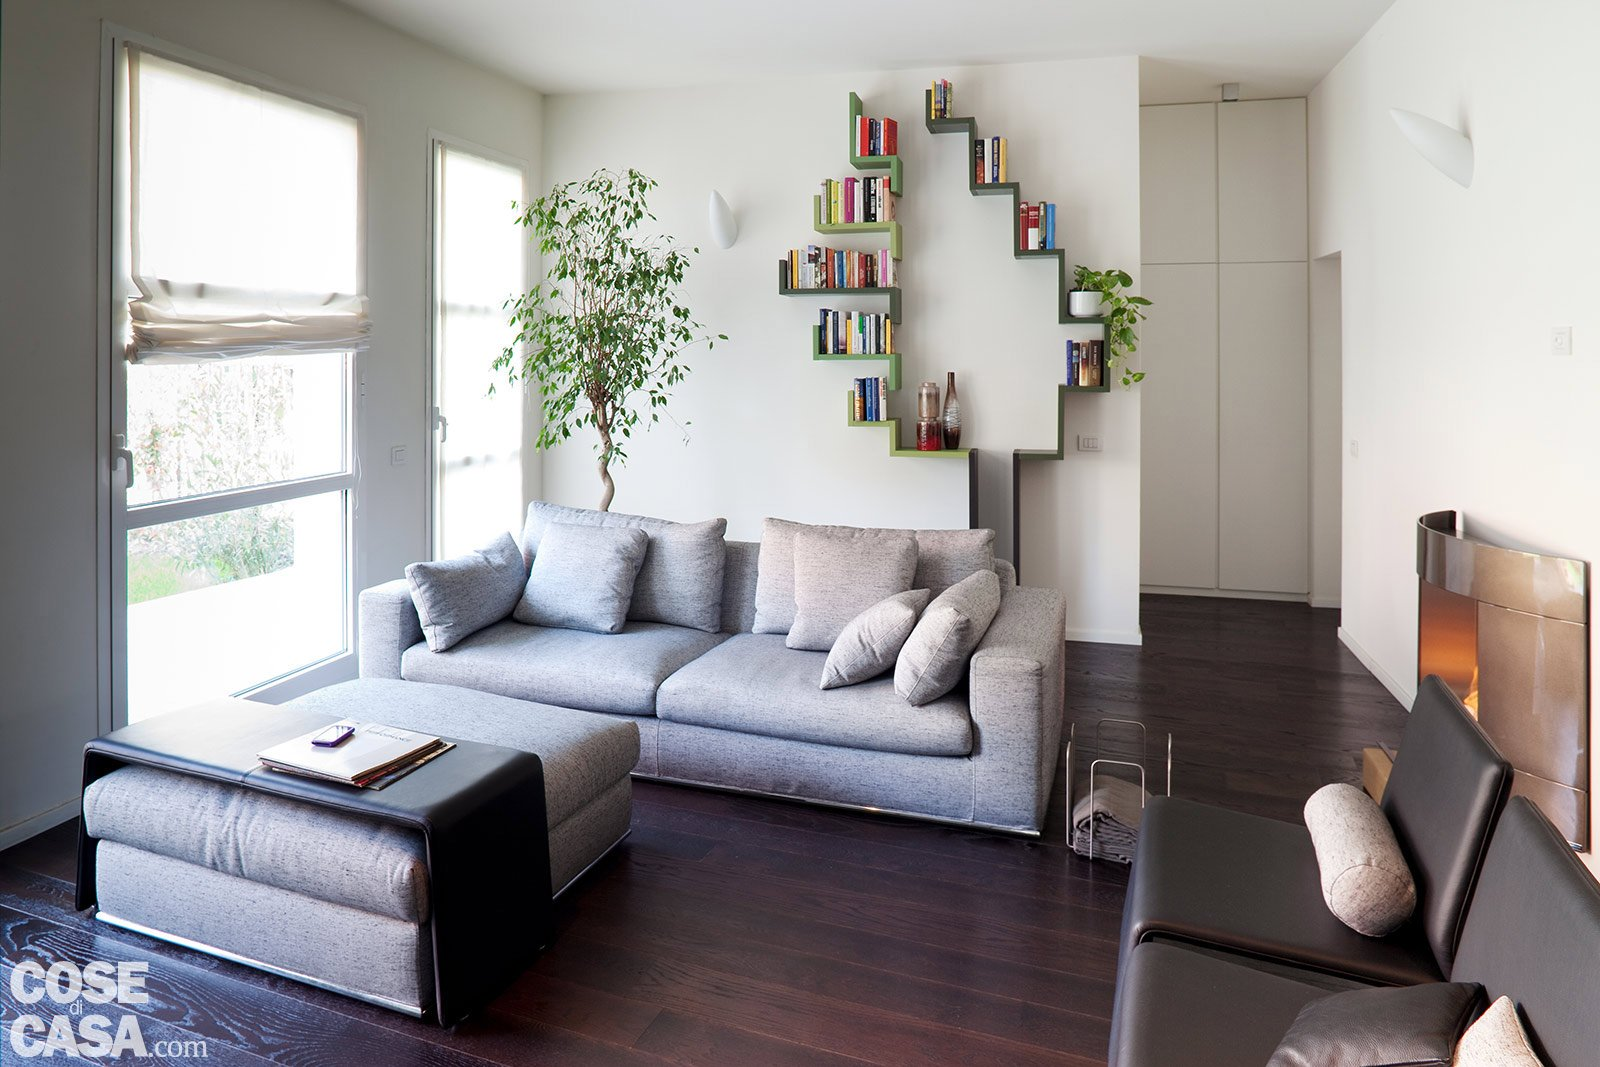 Bedrooms ispirazioni camera da letto - Offerte divani letto ikea ...